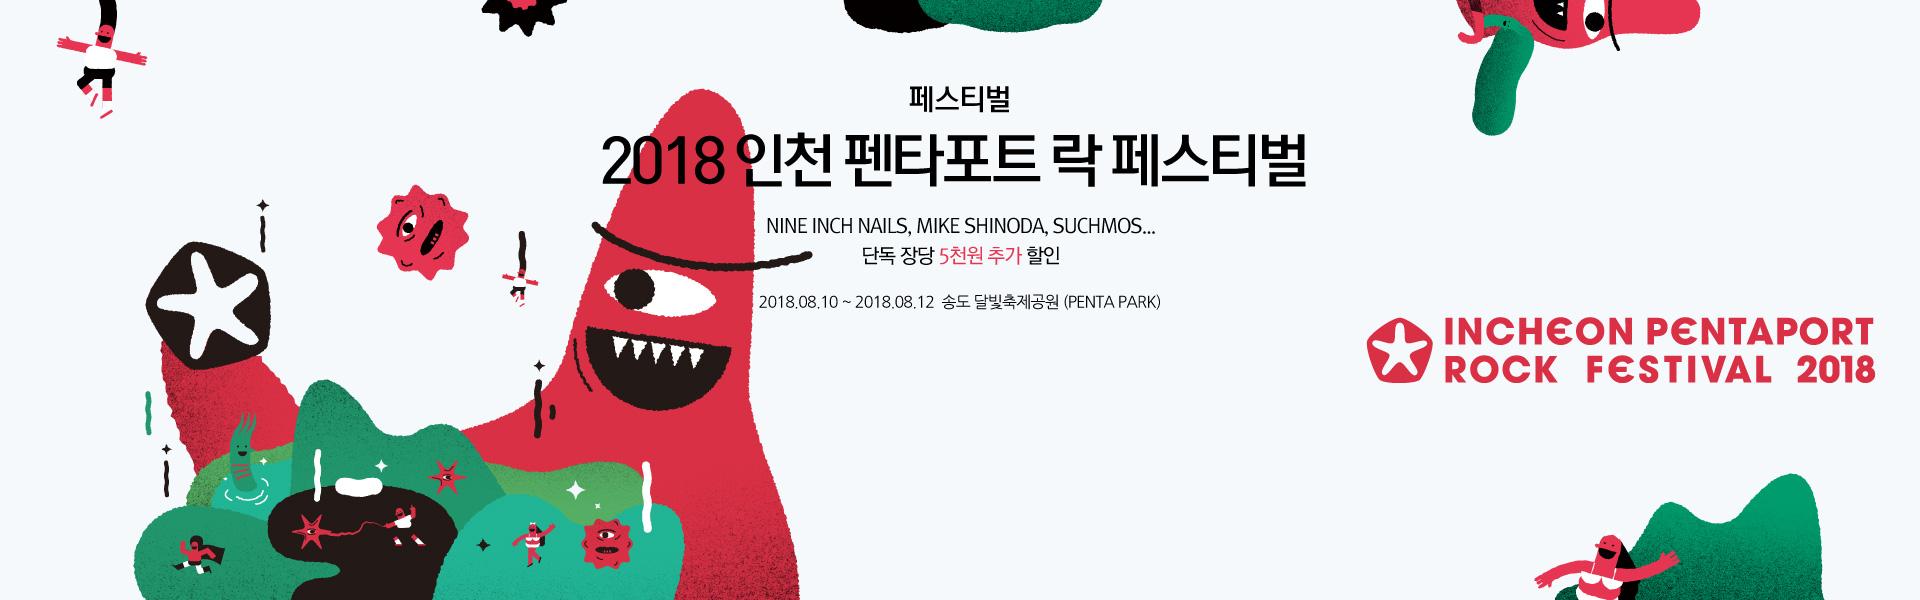 2018 인천 펜타포트 락 페스티벌